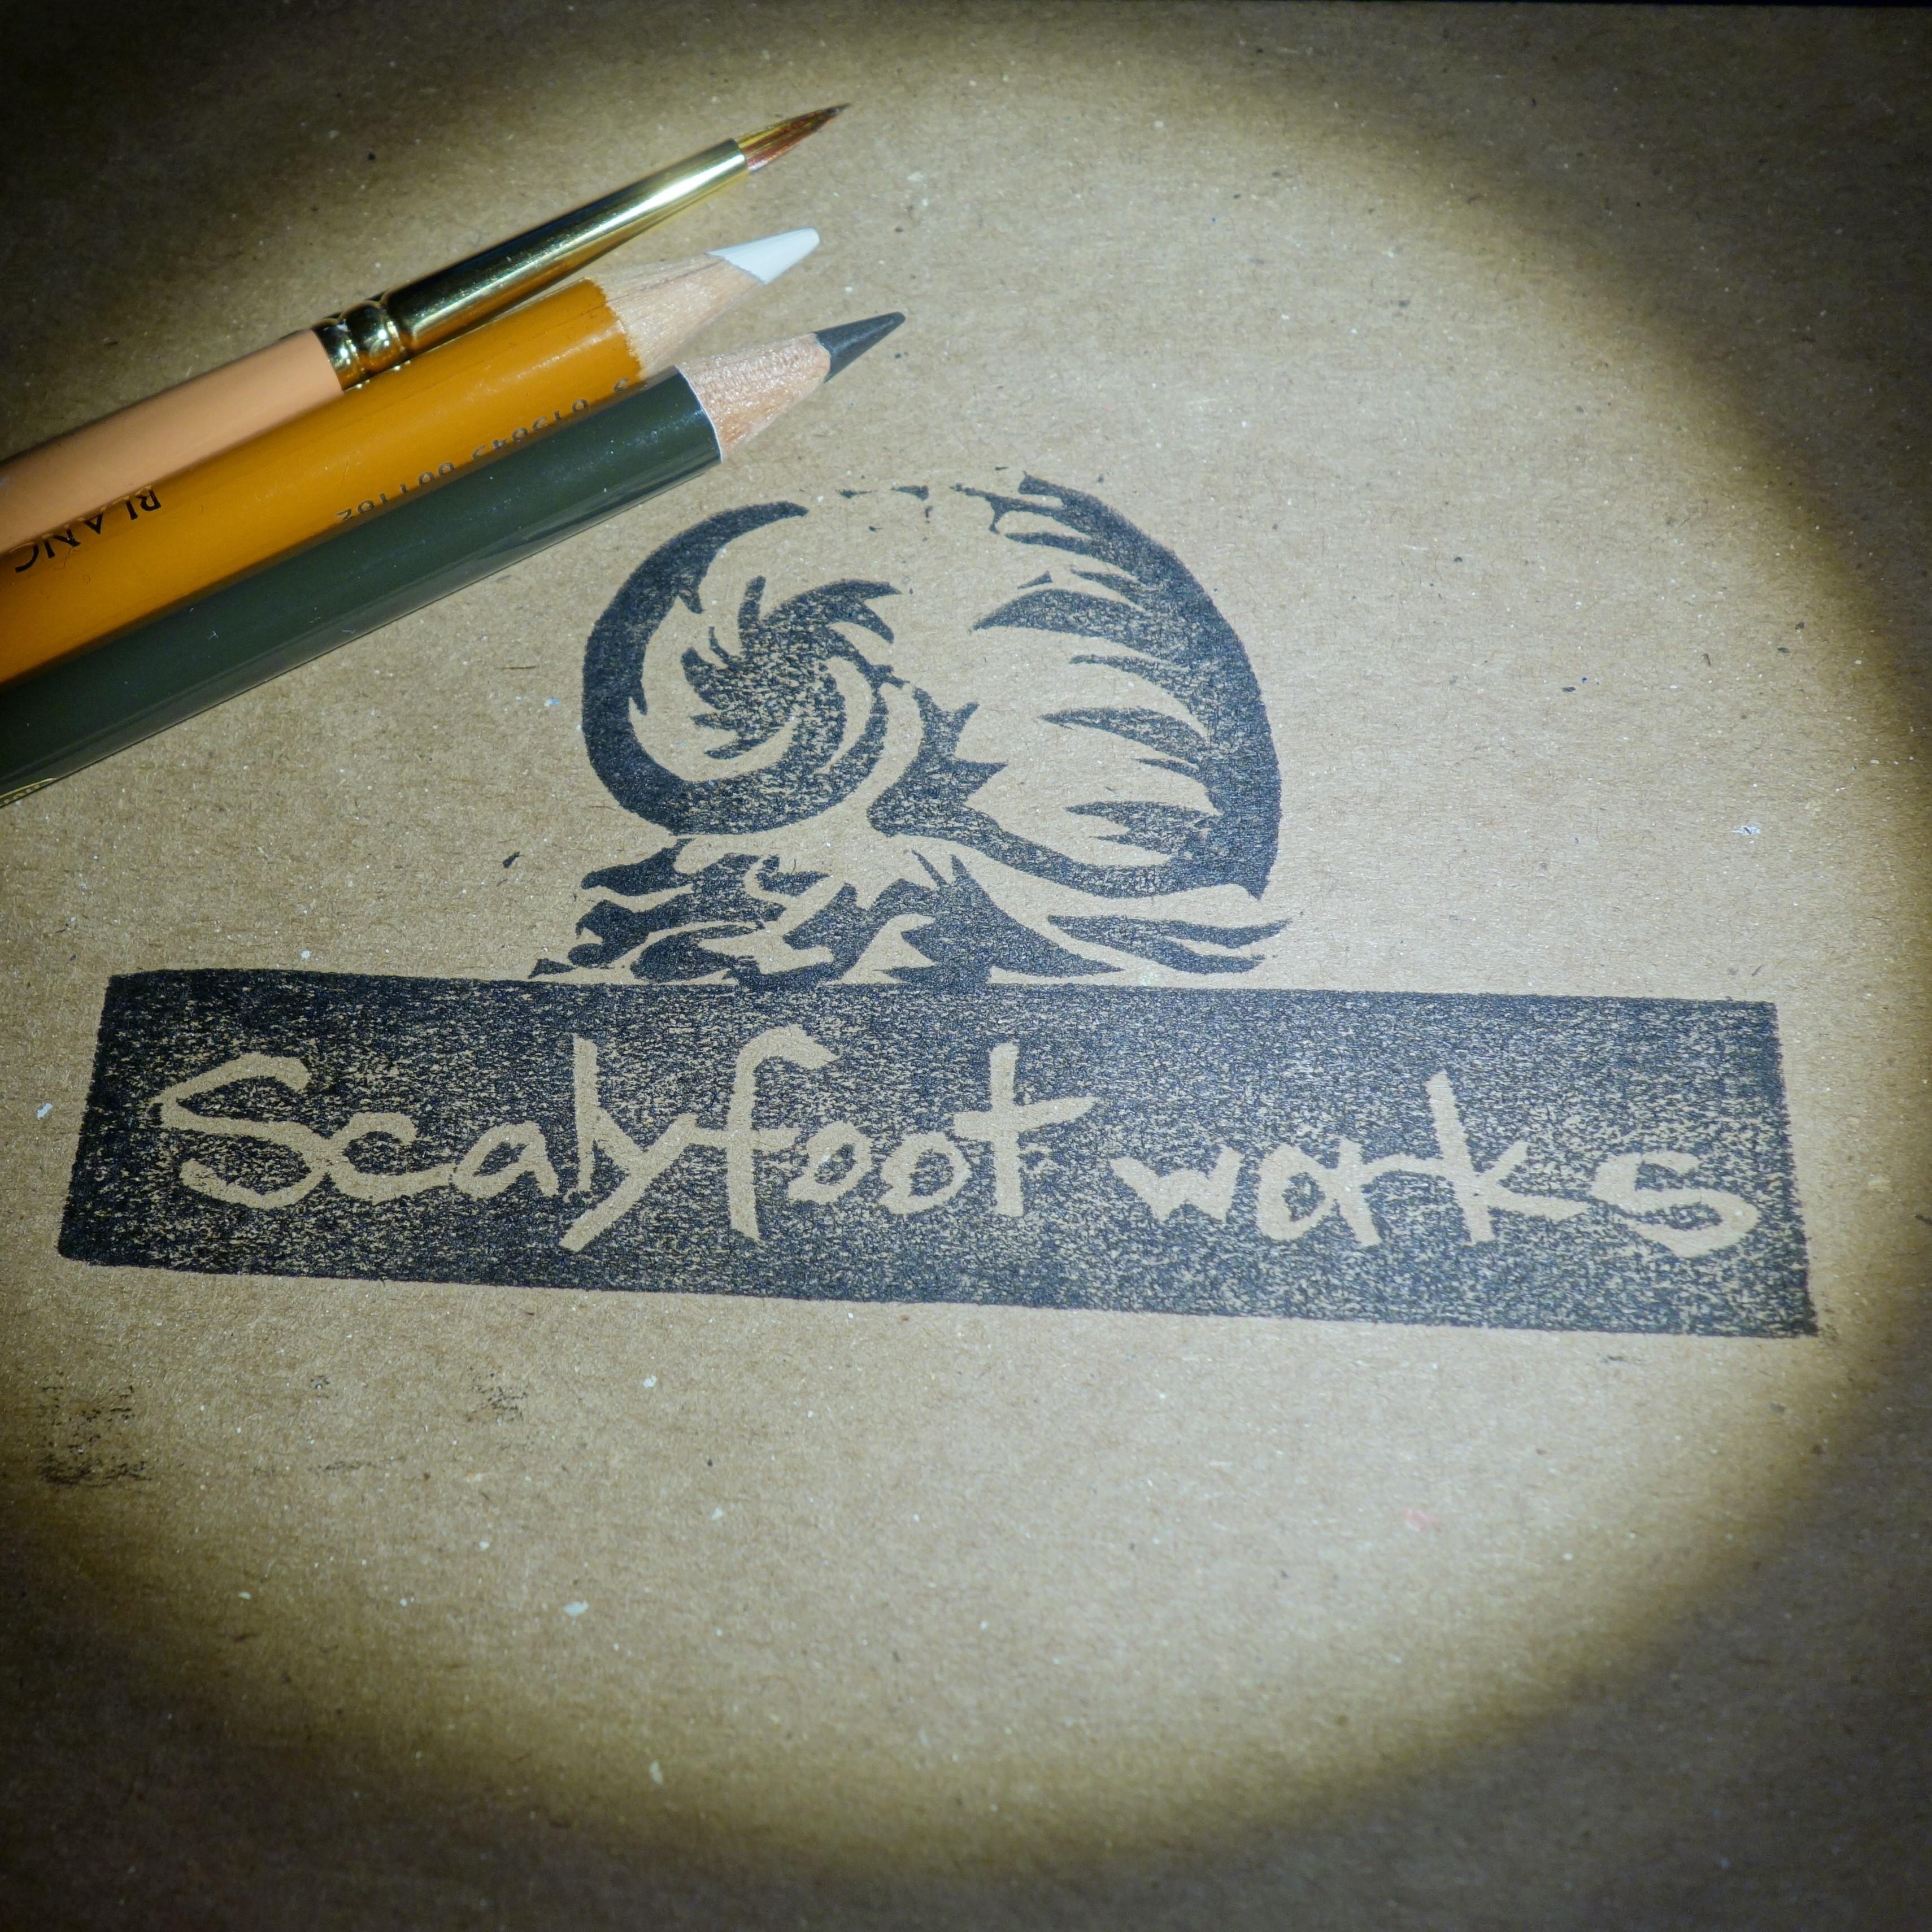 2019_海の生き物「スケーリーフットワークス」_logo